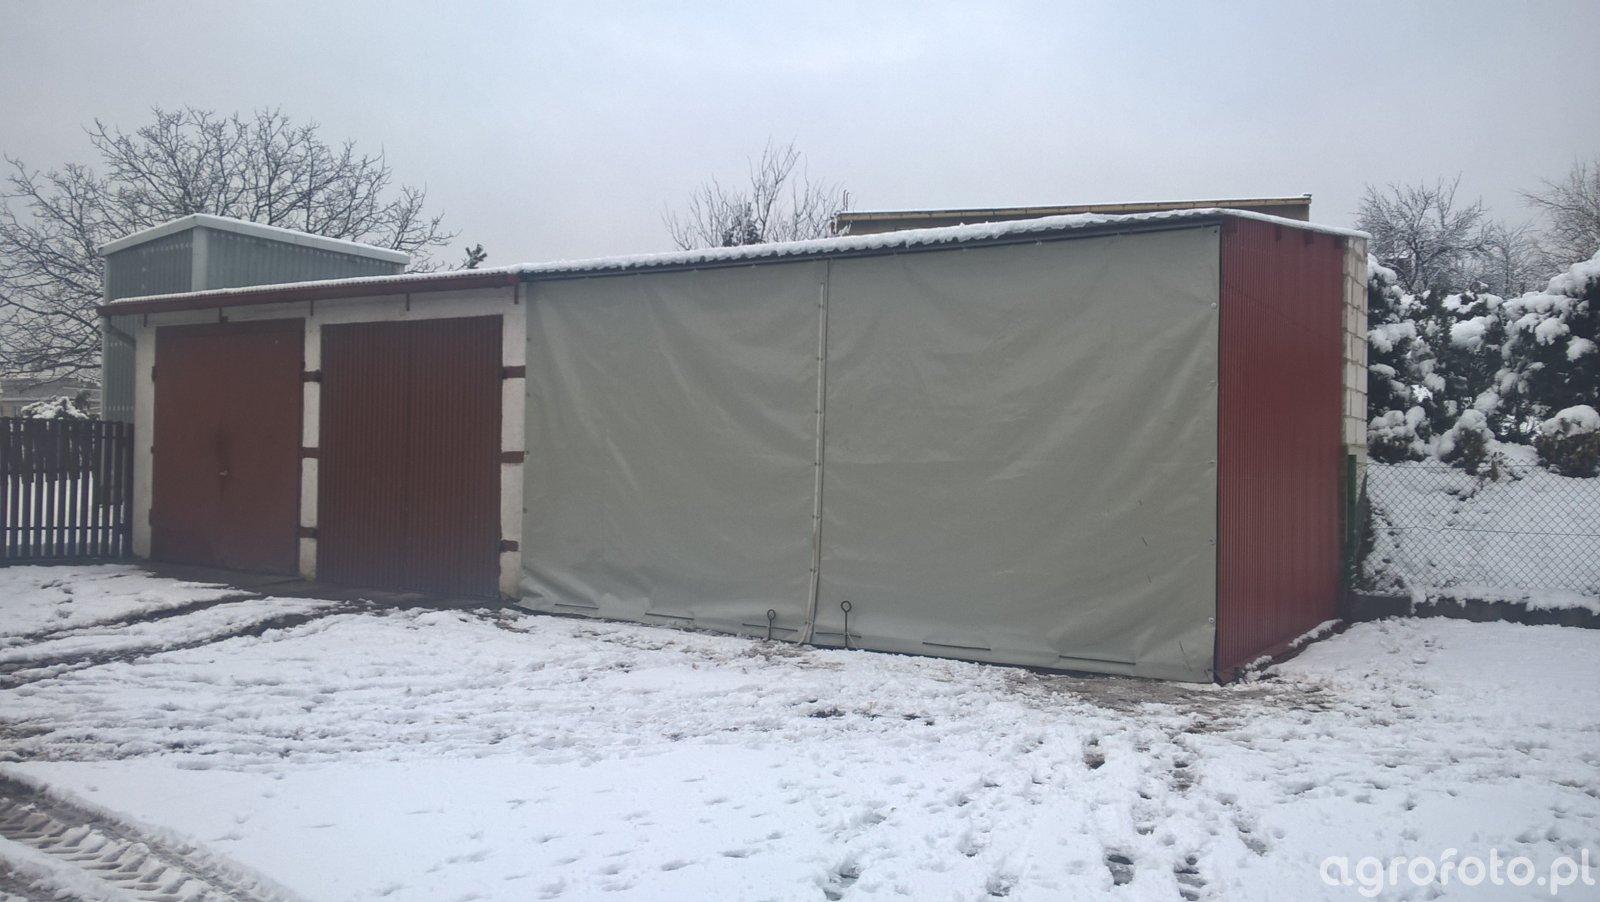 Rewelacyjny Garaż i wiata - Obrazek, fotka, zdjecie, photo #715634 - Galeria UB91